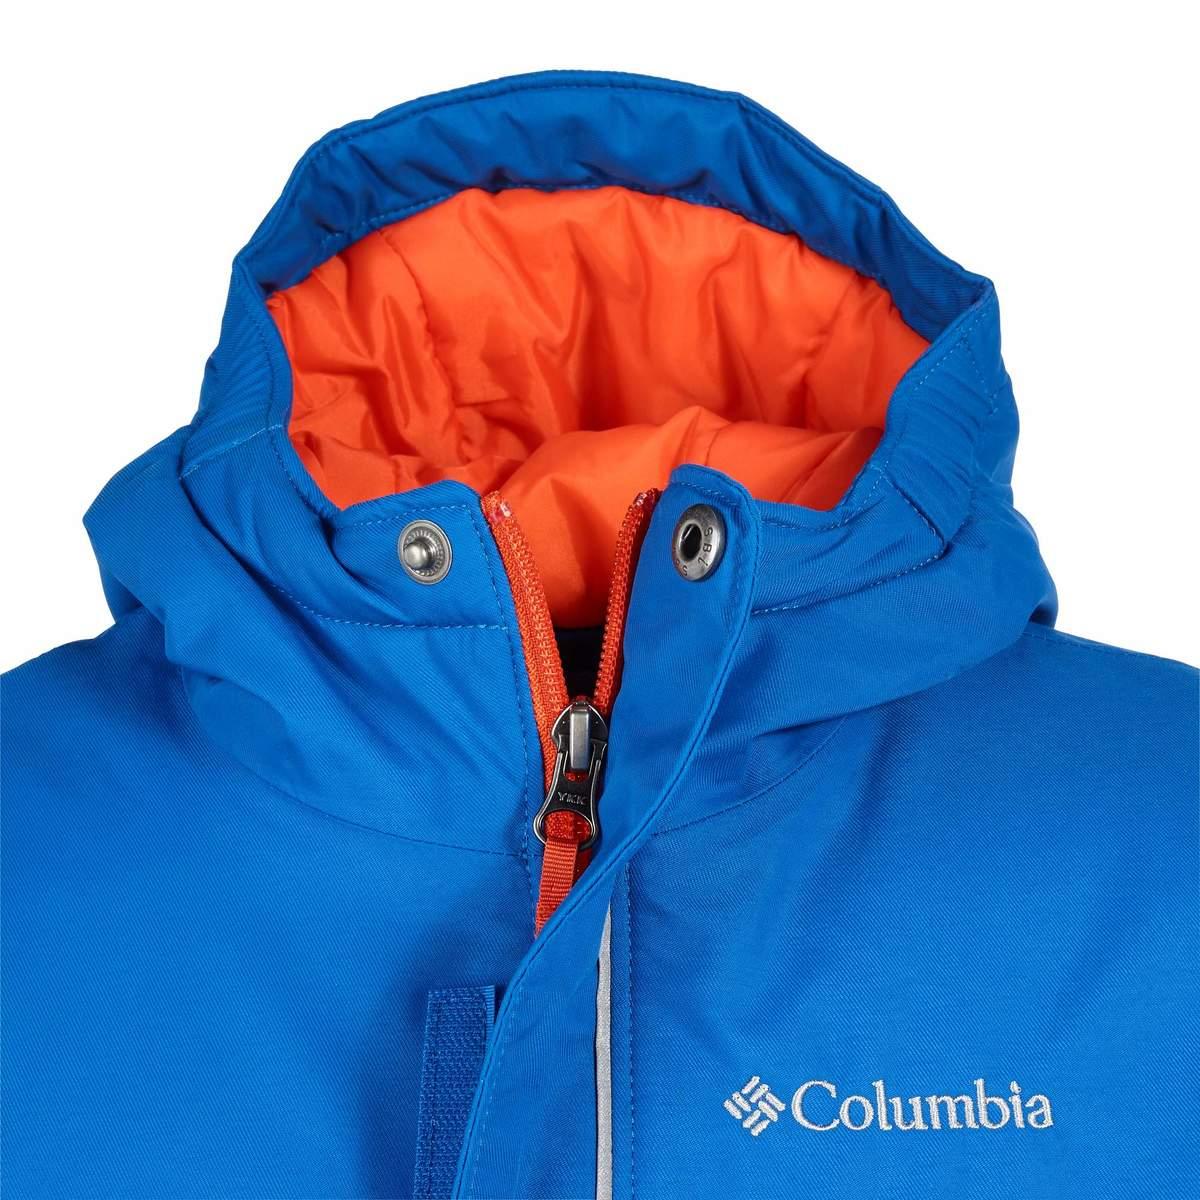 Bild 5 von Columbia Buga Set Kinder - Schneeanzug